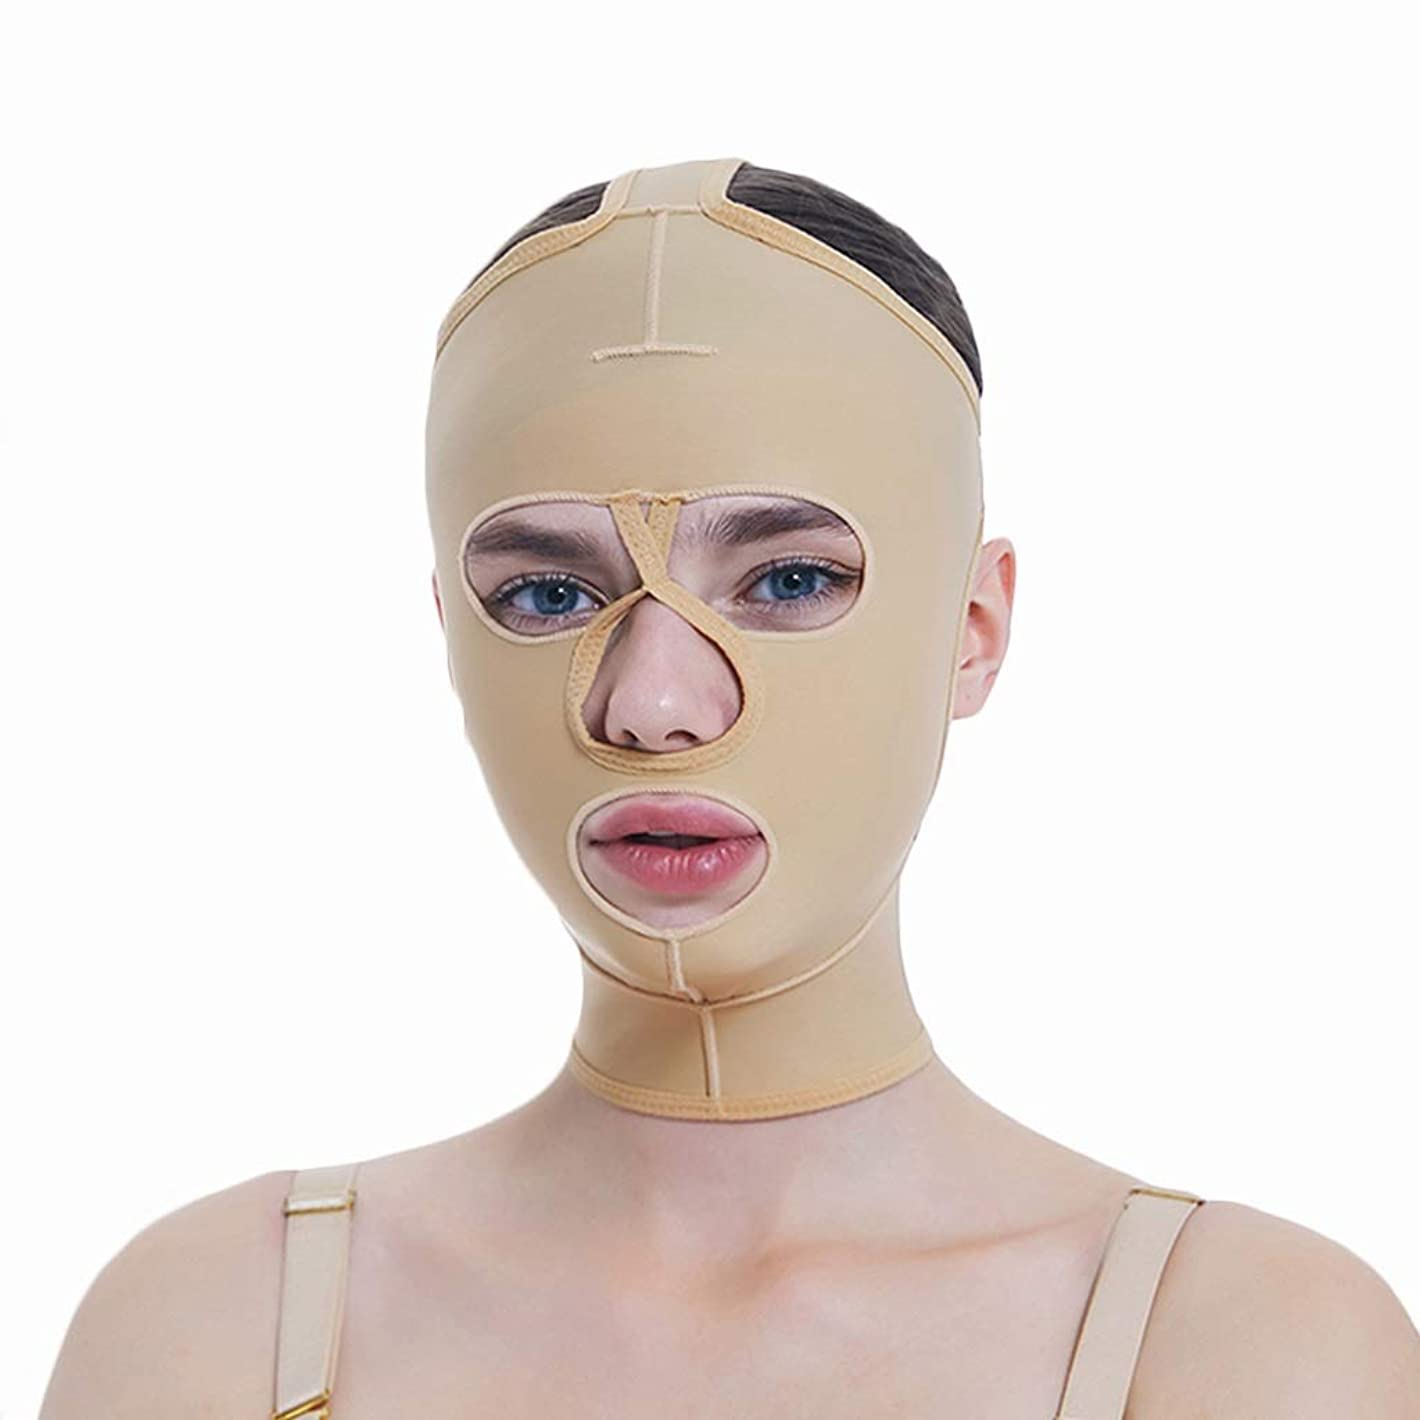 鎮痛剤毛細血管昼寝フェイシャル減量マスク、フルカバレッジ包帯、フルフェイスリフティングマスク、フェイスマスク、快適で リフティングシェーピング(サイズ:S),XXL